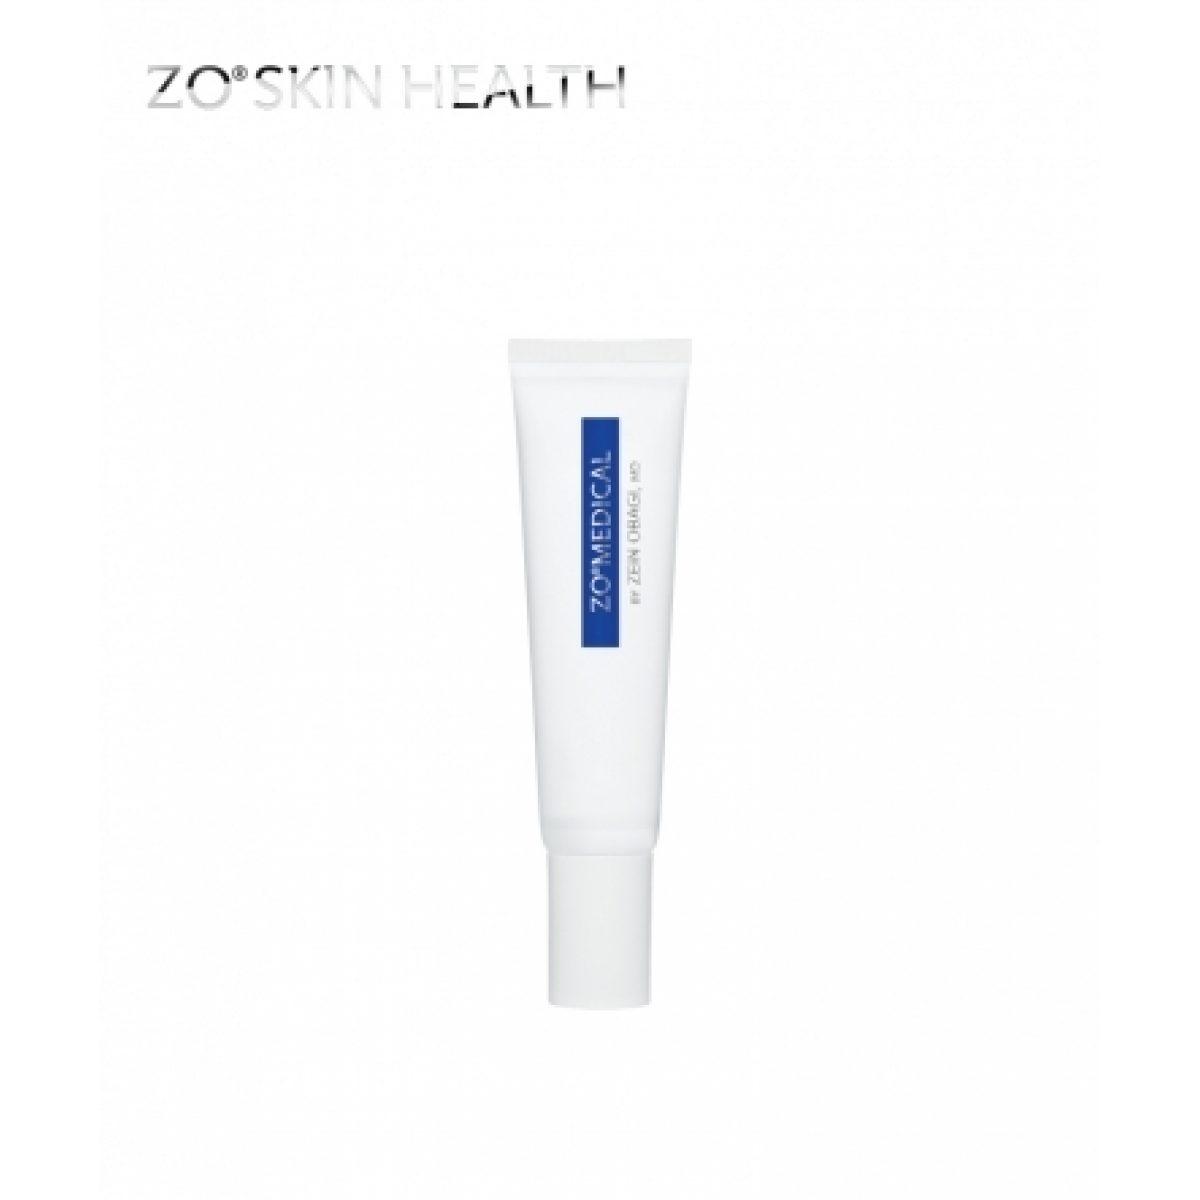 HYDRAFIRM - Crema iluminatoare pentru conturul ochilor